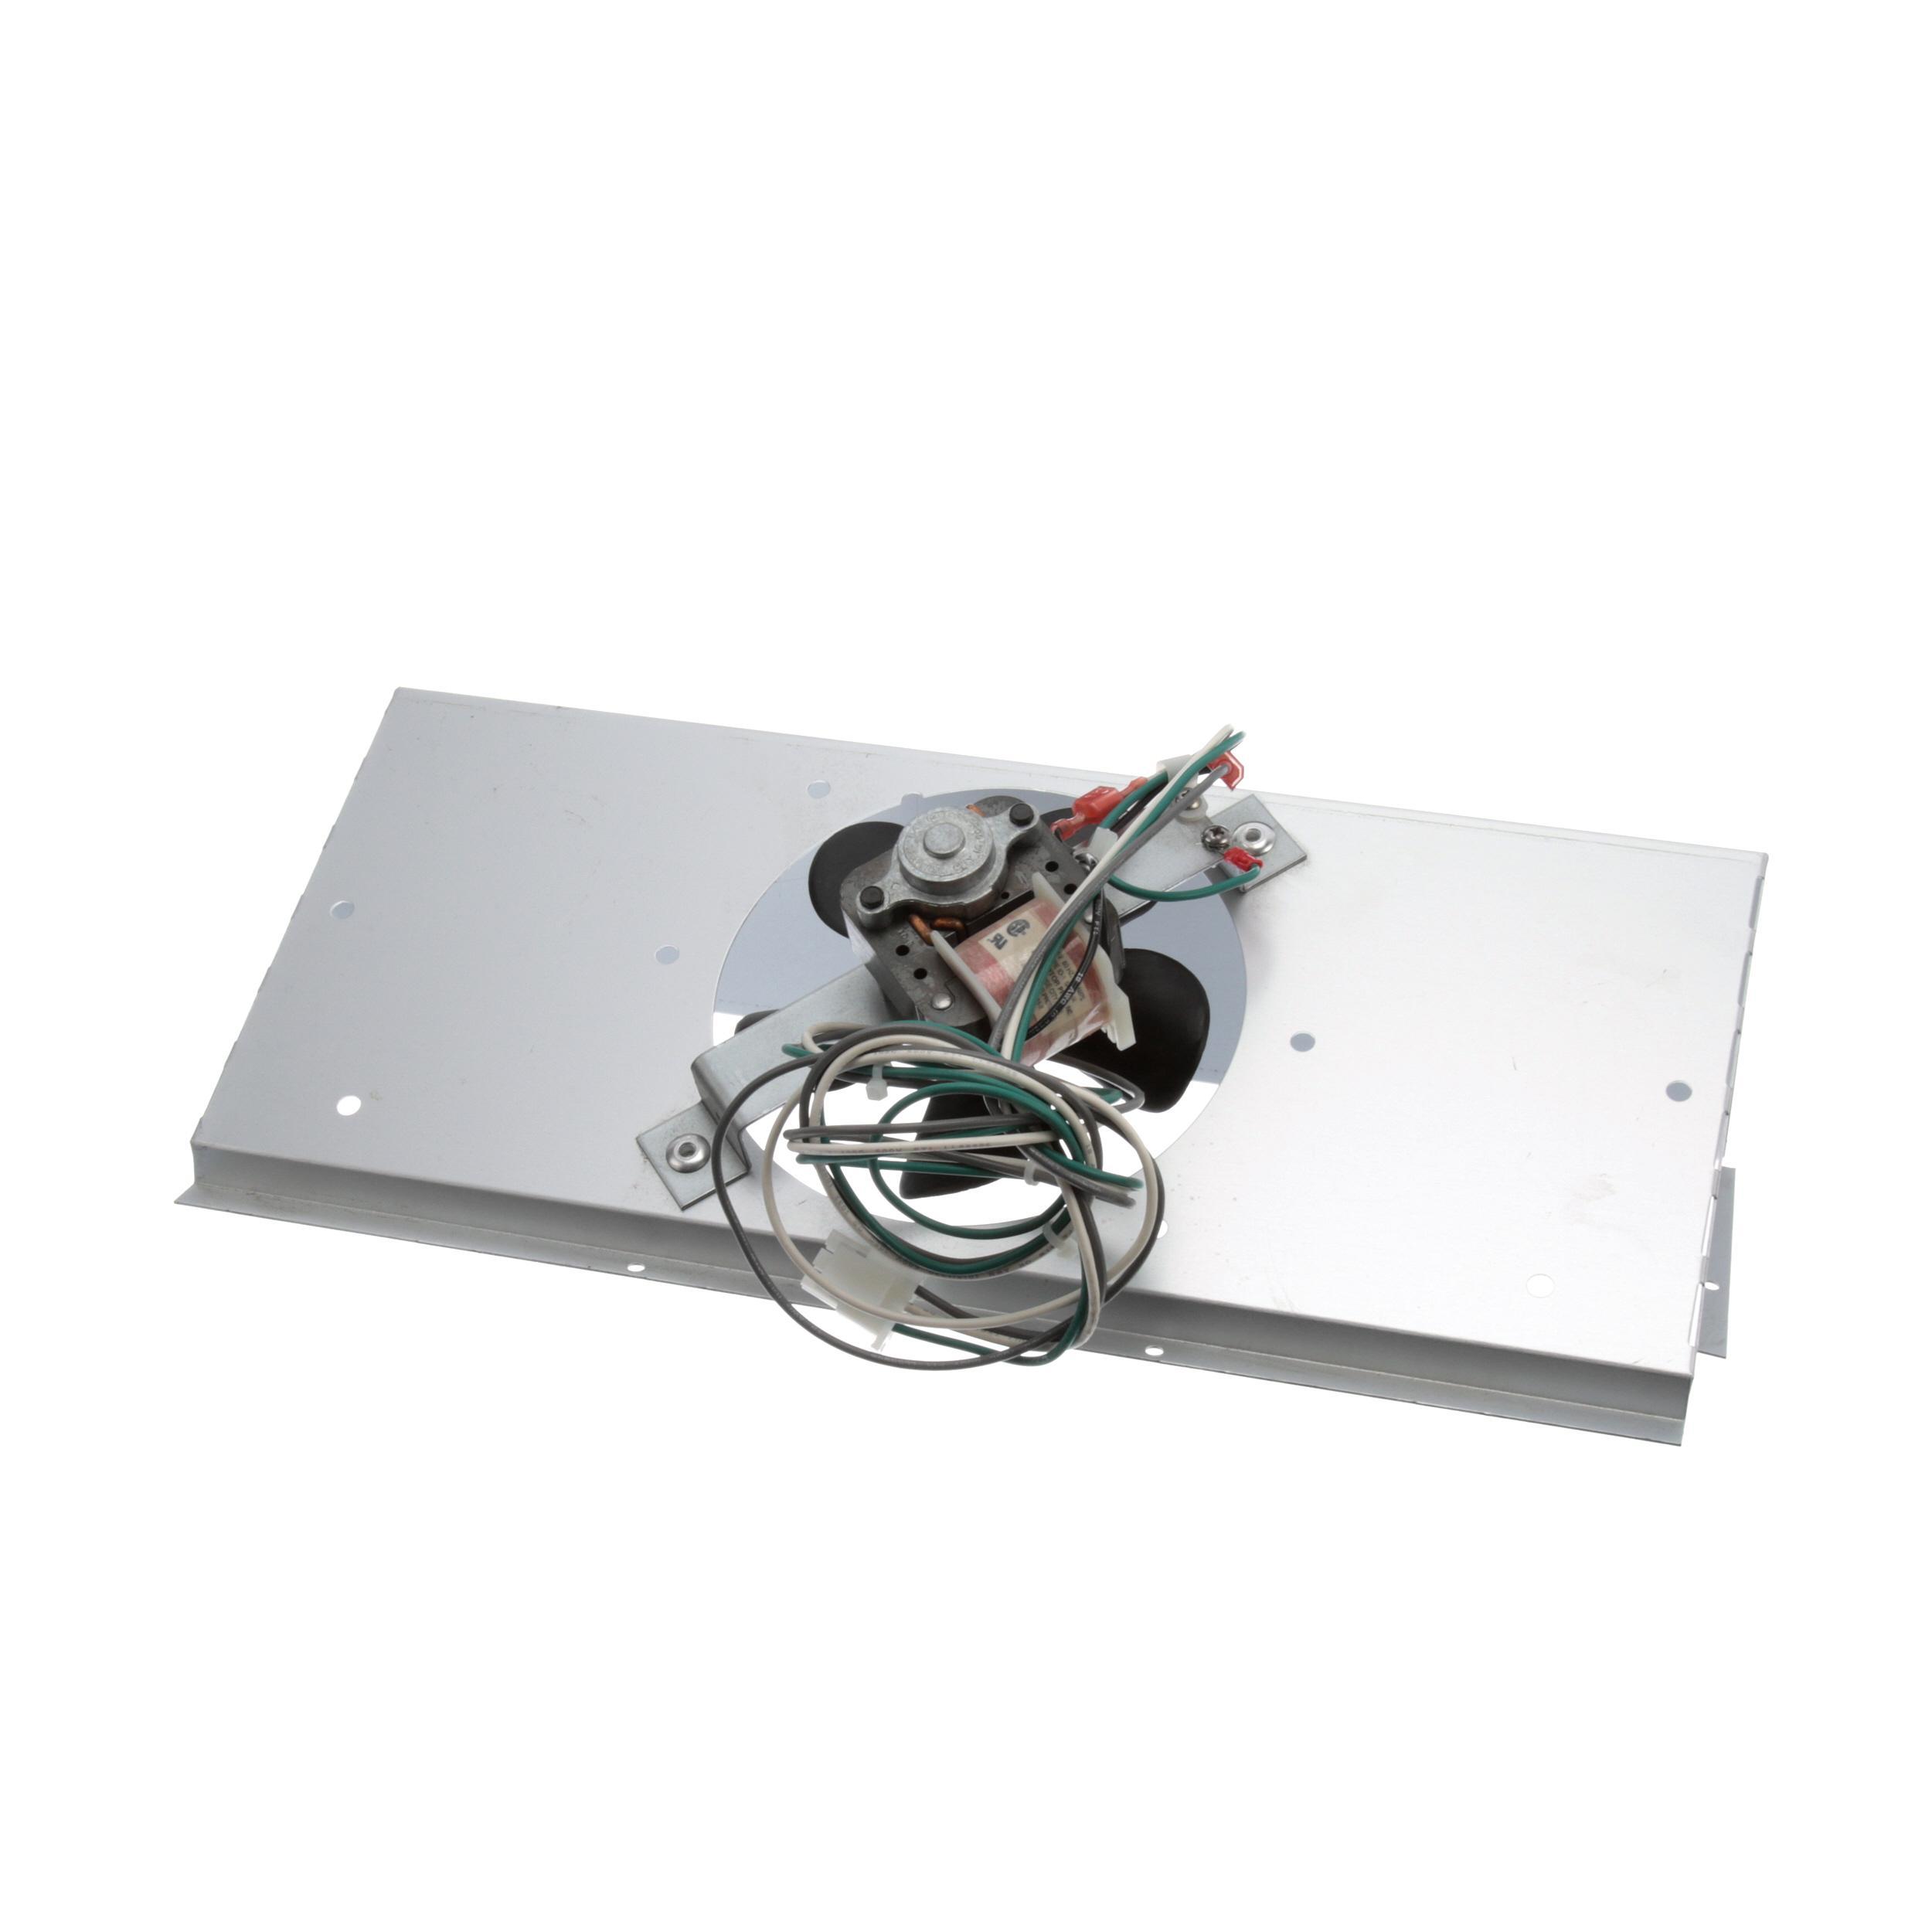 Traulsen Fan Motor Assembly Part Sk 600 60841 00